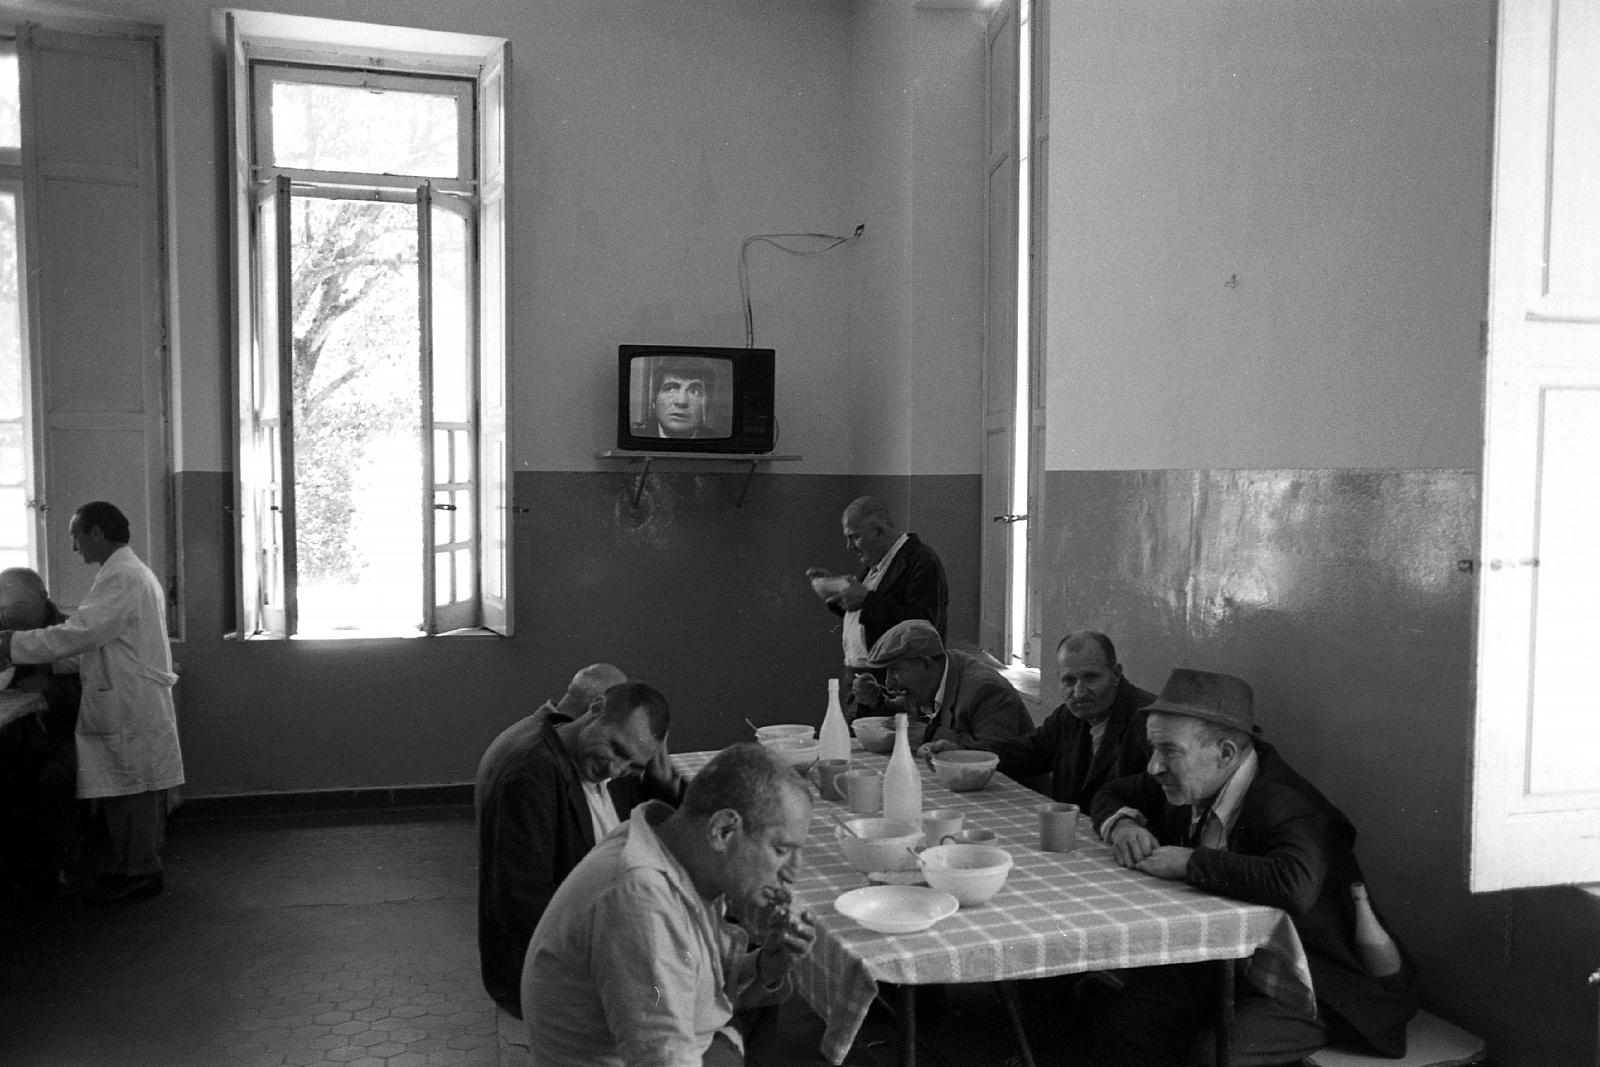 Prigionieri del silenzio - Viaggio nei manicomi calabresi